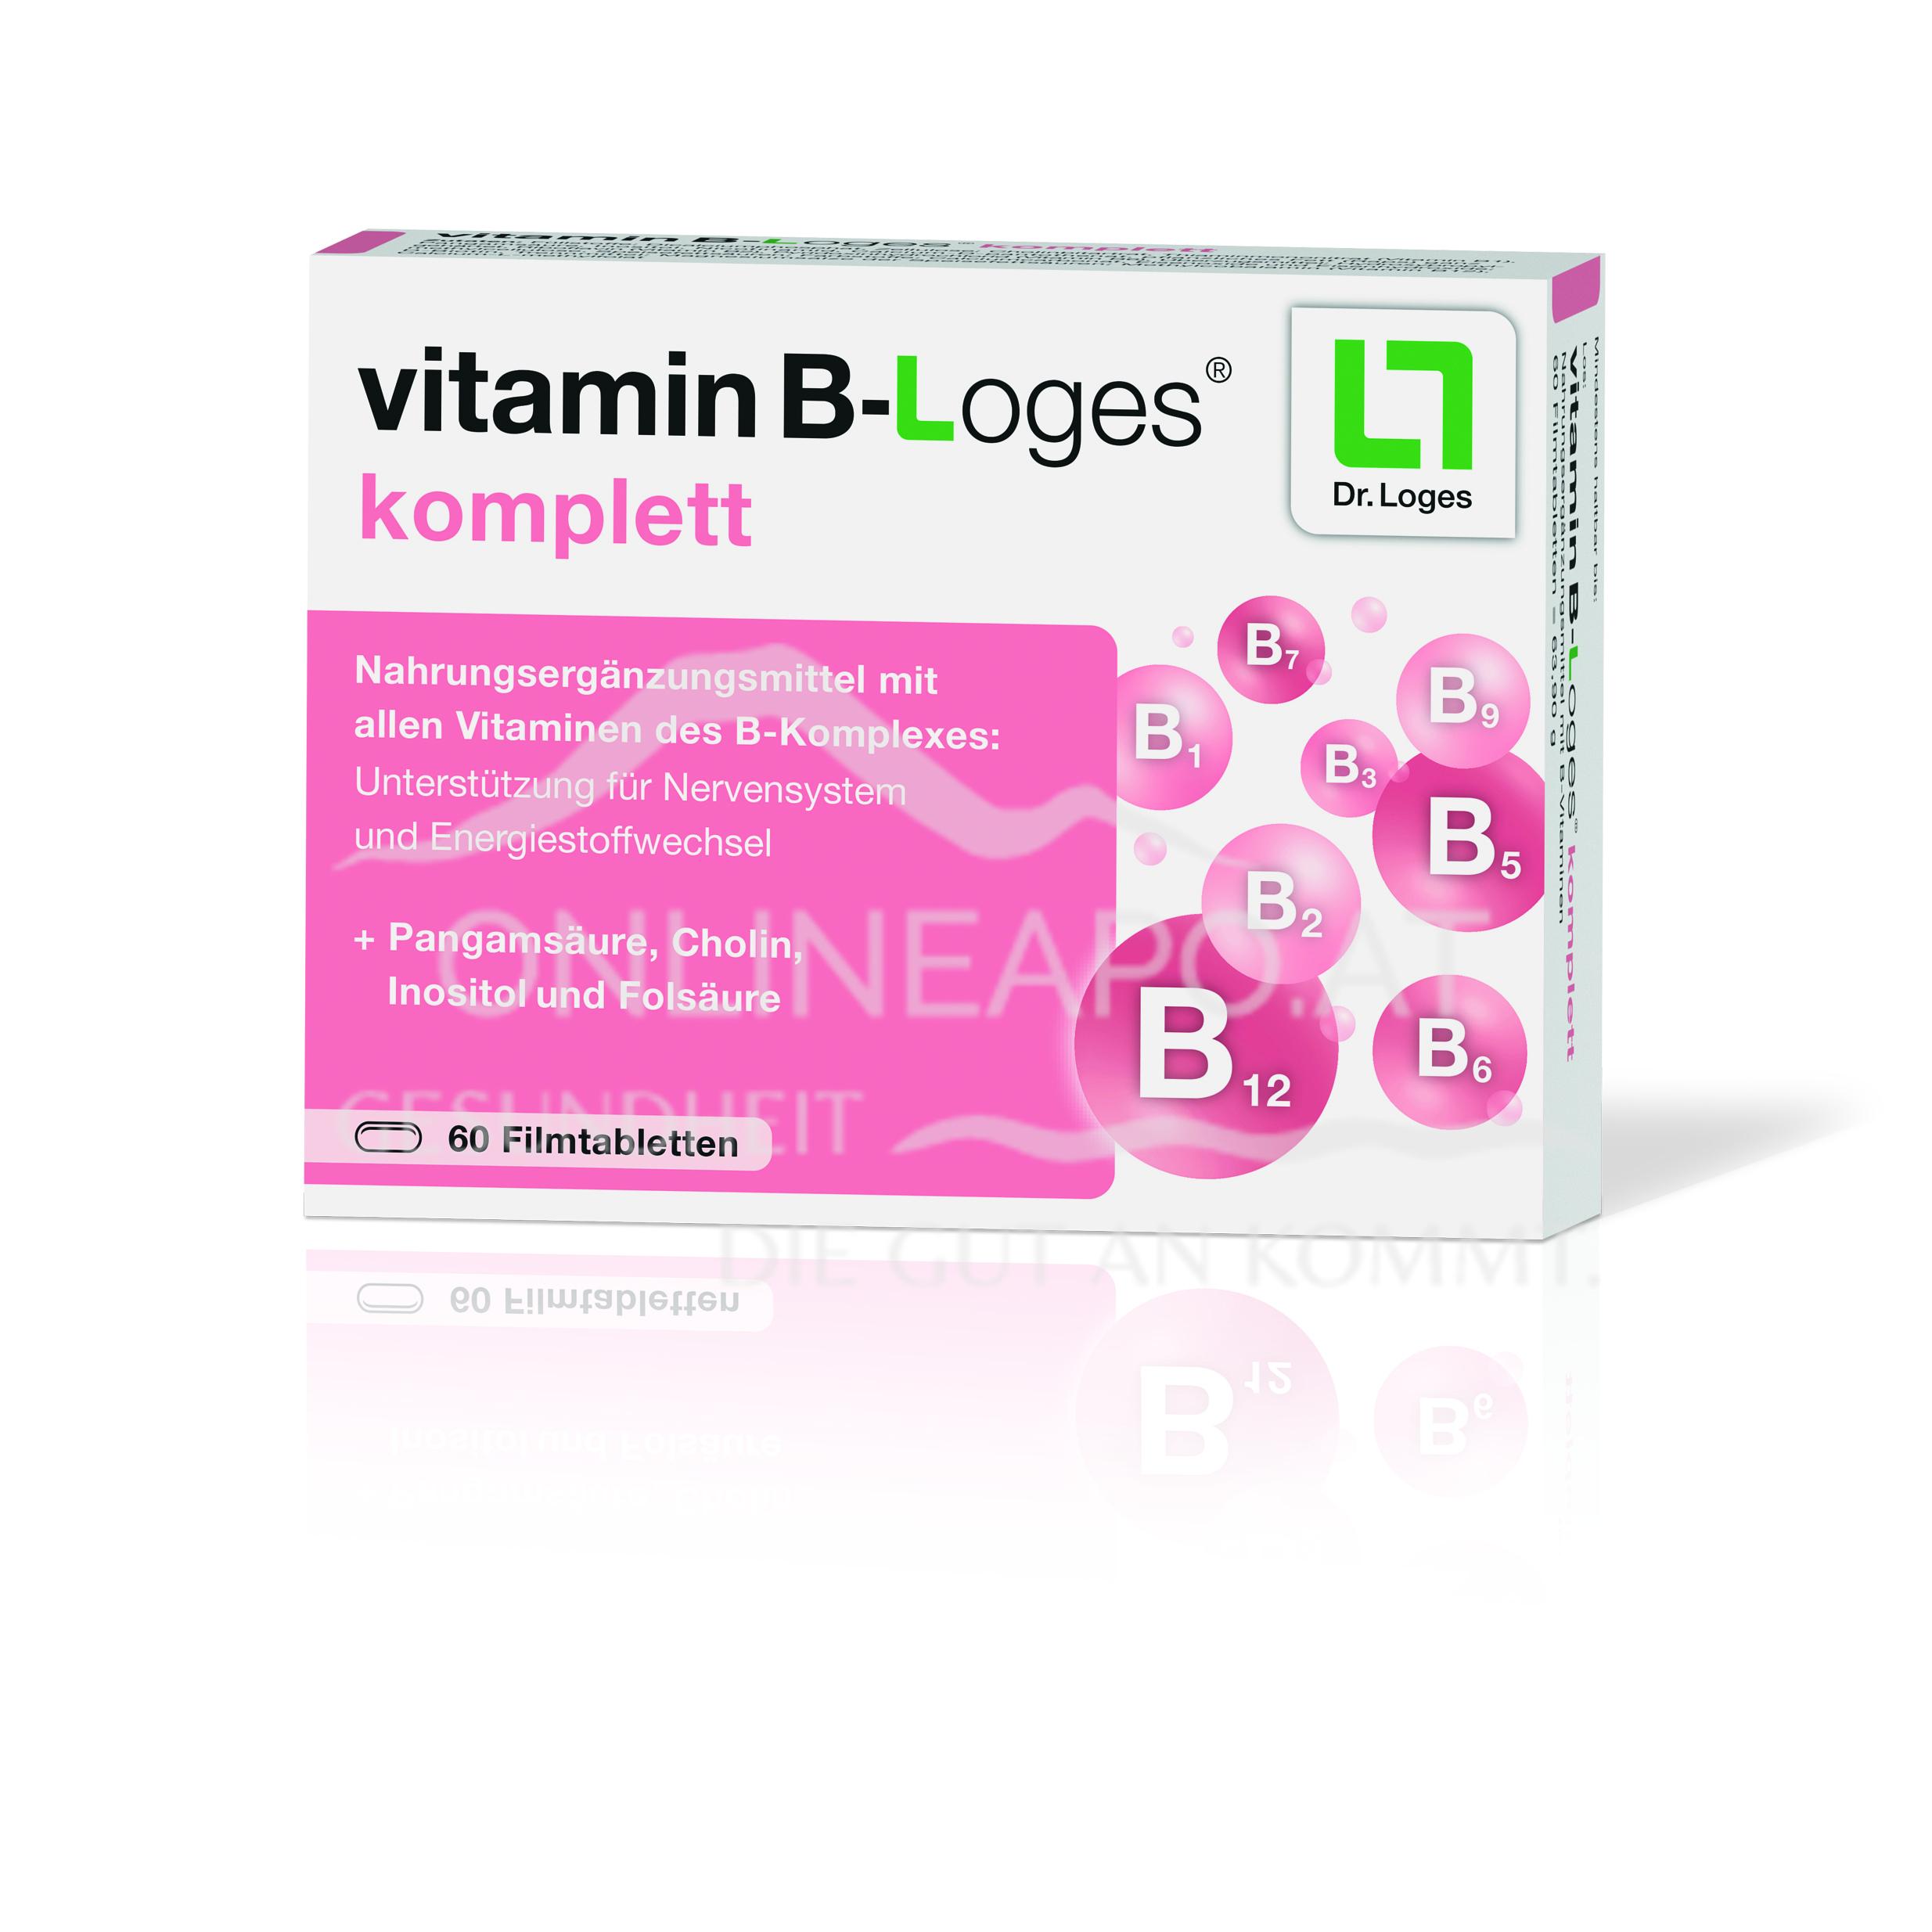 vitamin B-Loges® komplett Filmtabletten